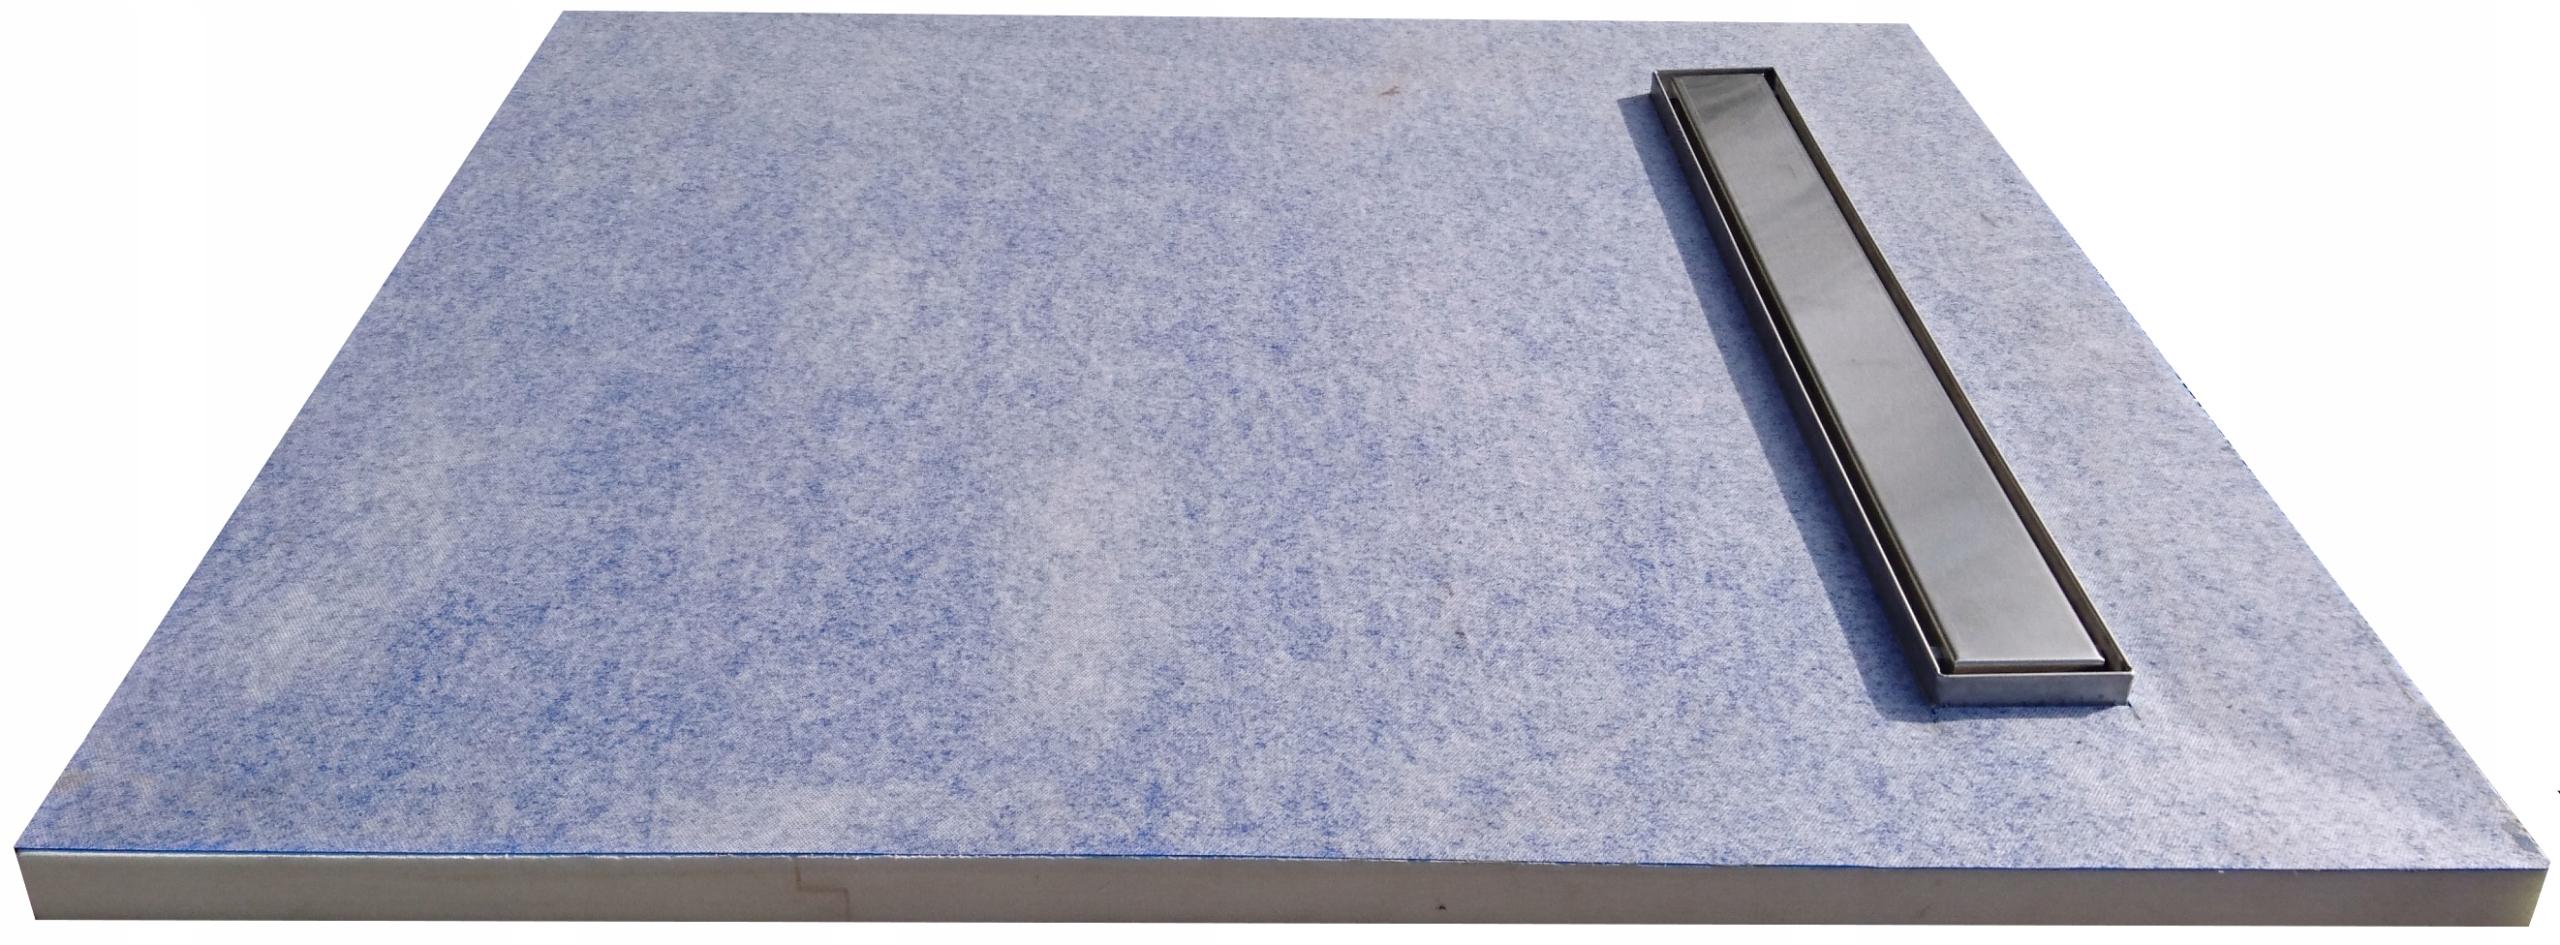 Sprchová vanička pod dlaždice S4 110x110 lineárny odtok 70